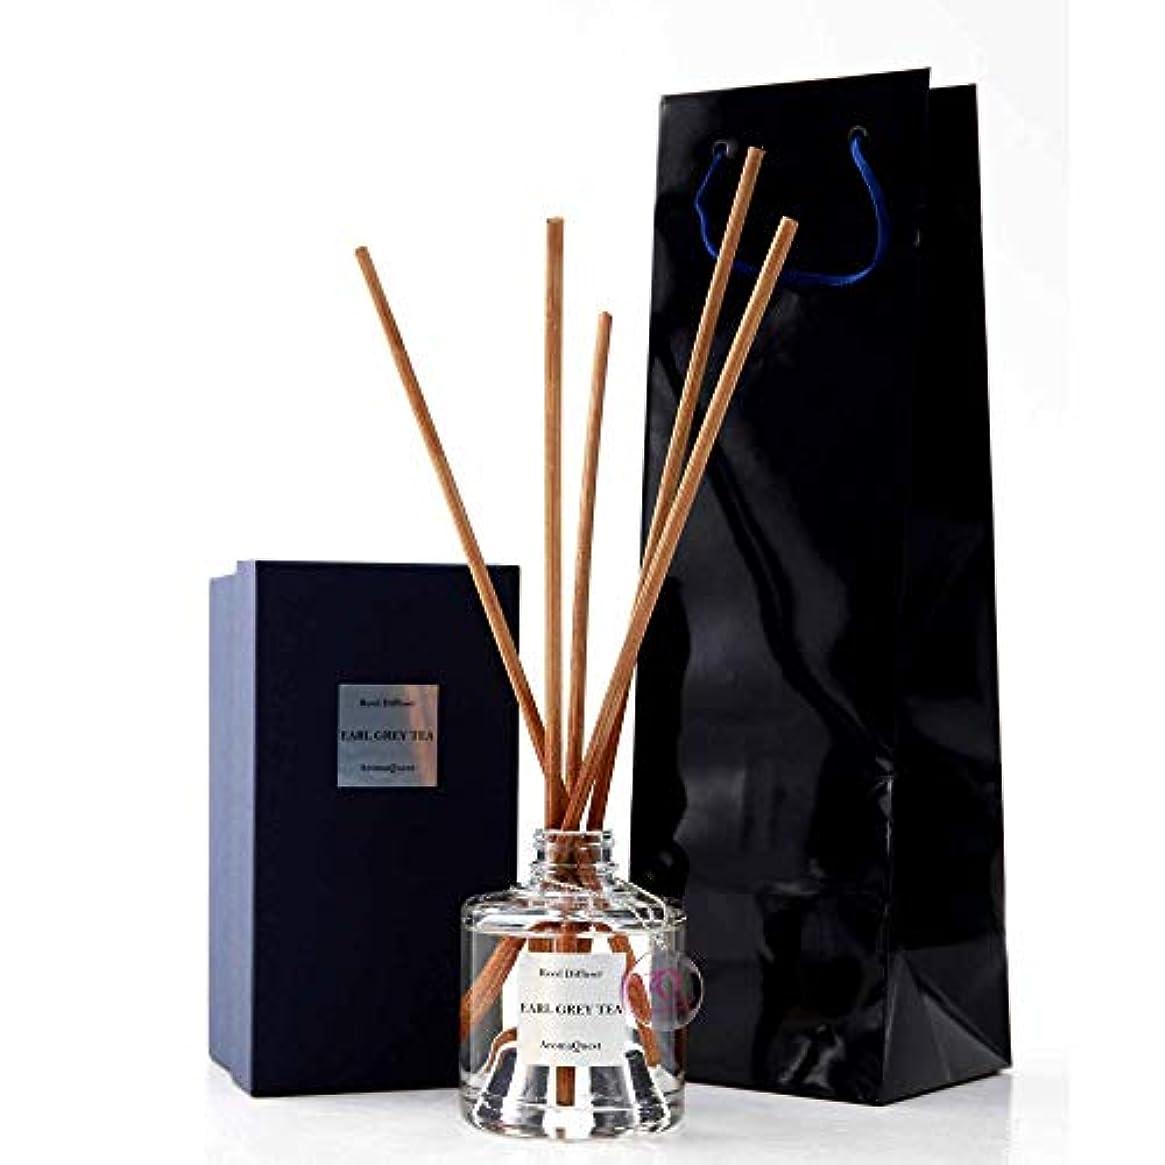 良性人擬人ルームフレグランス リードディフューザー アロマディフューザー 150ml アールグレイティー EARL GREY TEA 紅茶の香り